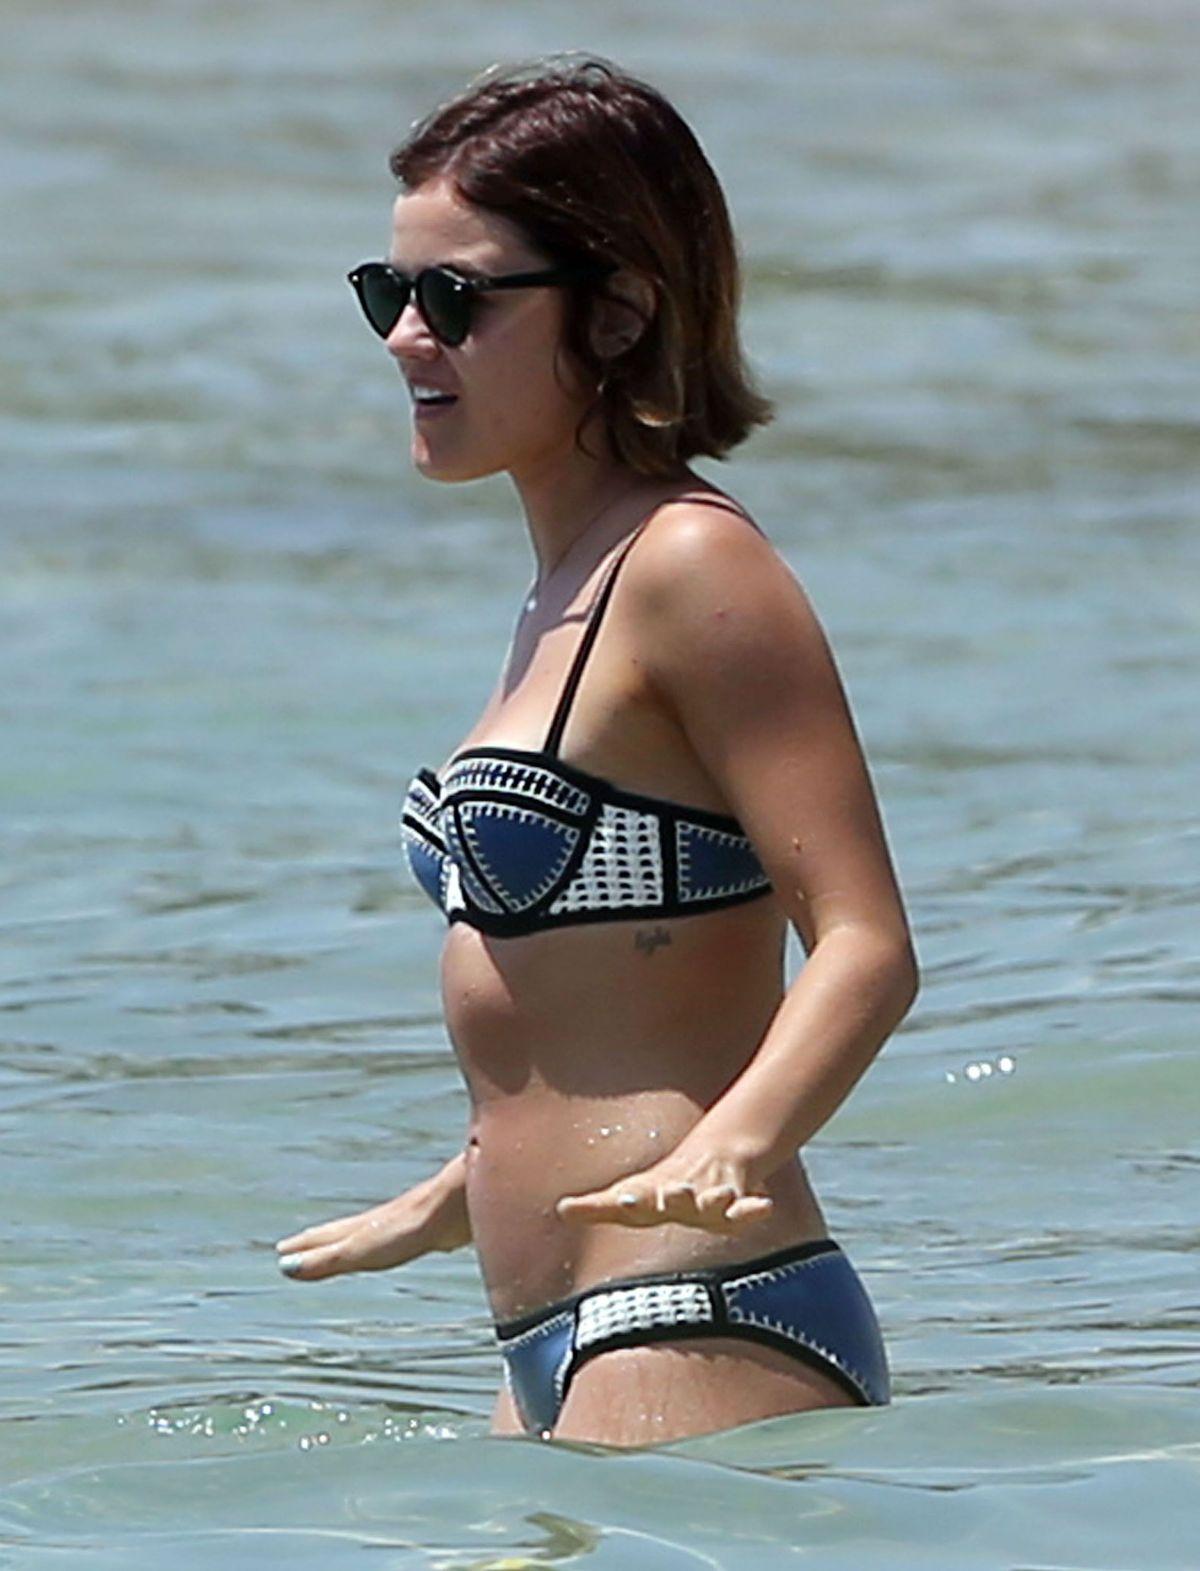 Lucy hale bikini